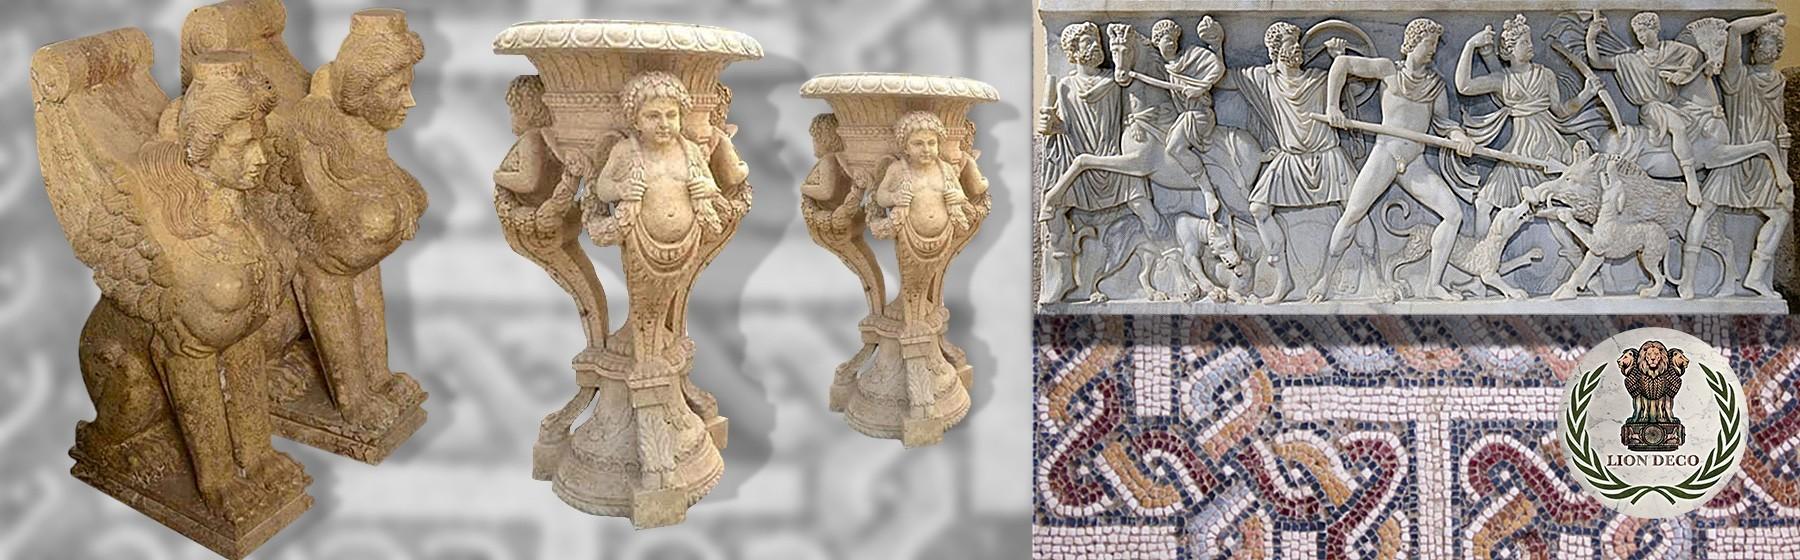 2. Elementos y Piezas Decorativas y Arquitectónicas